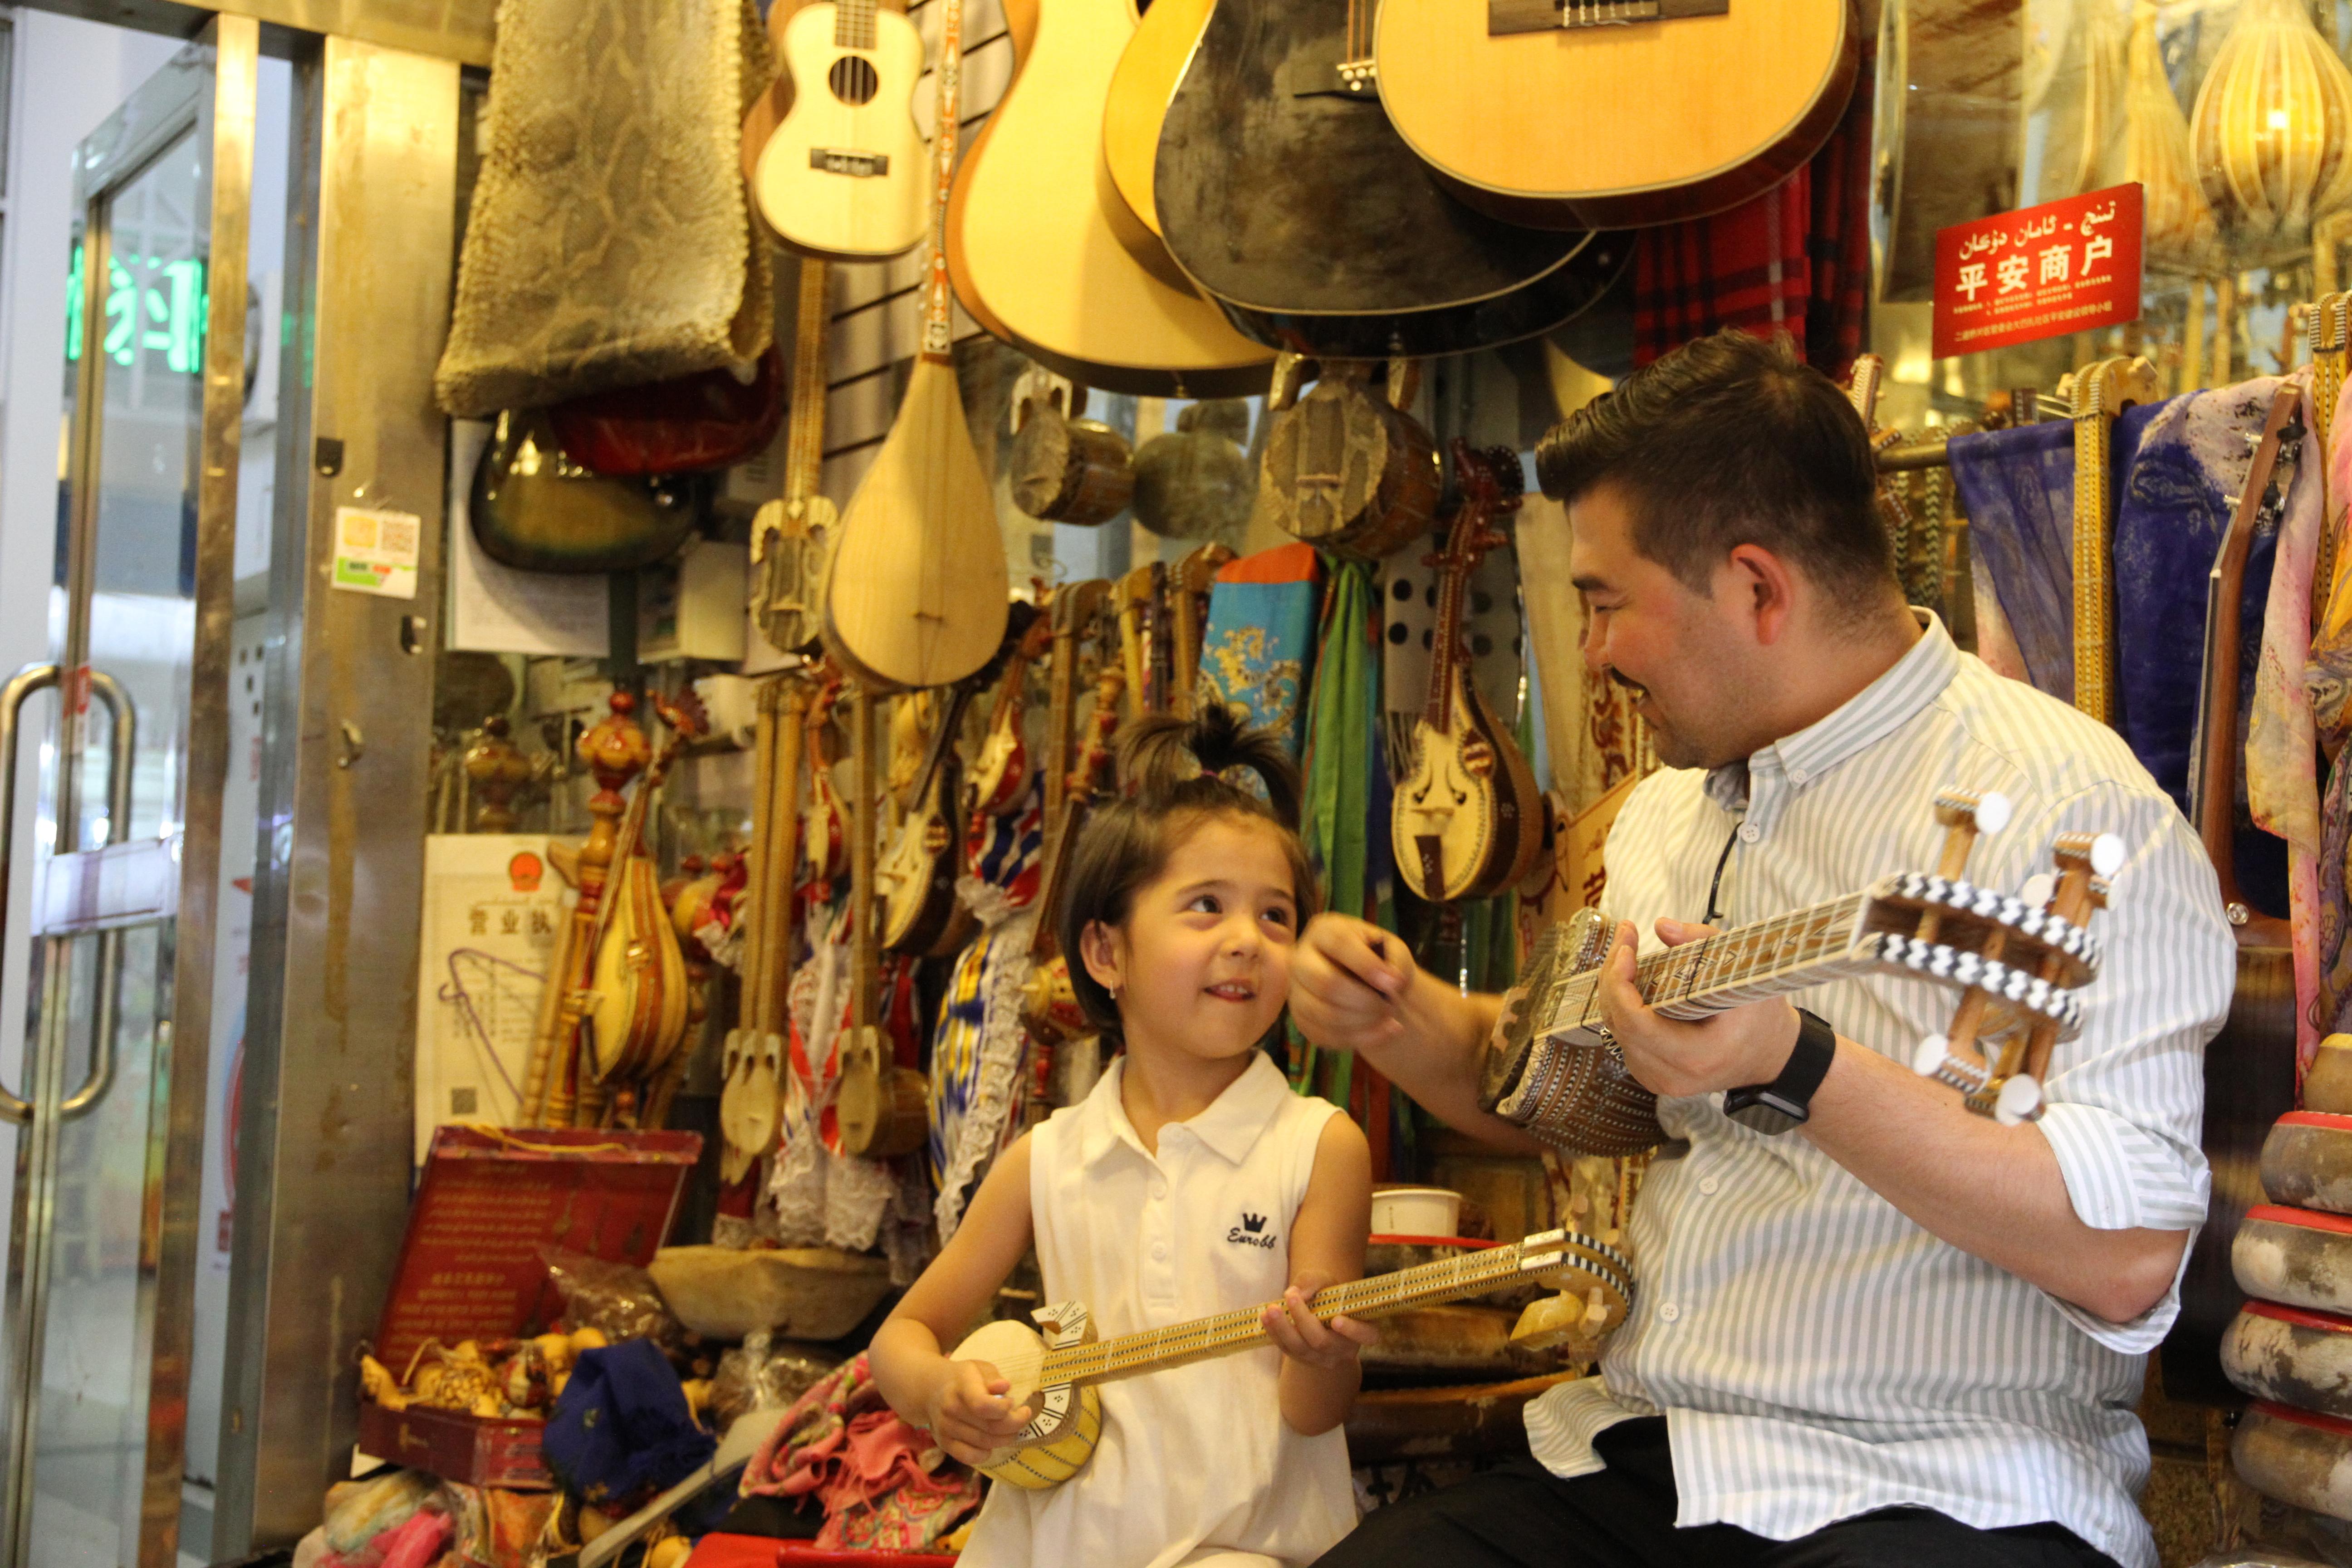 82、乌市国际大巴扎。乐器店自娱自乐的店老板和他的女儿